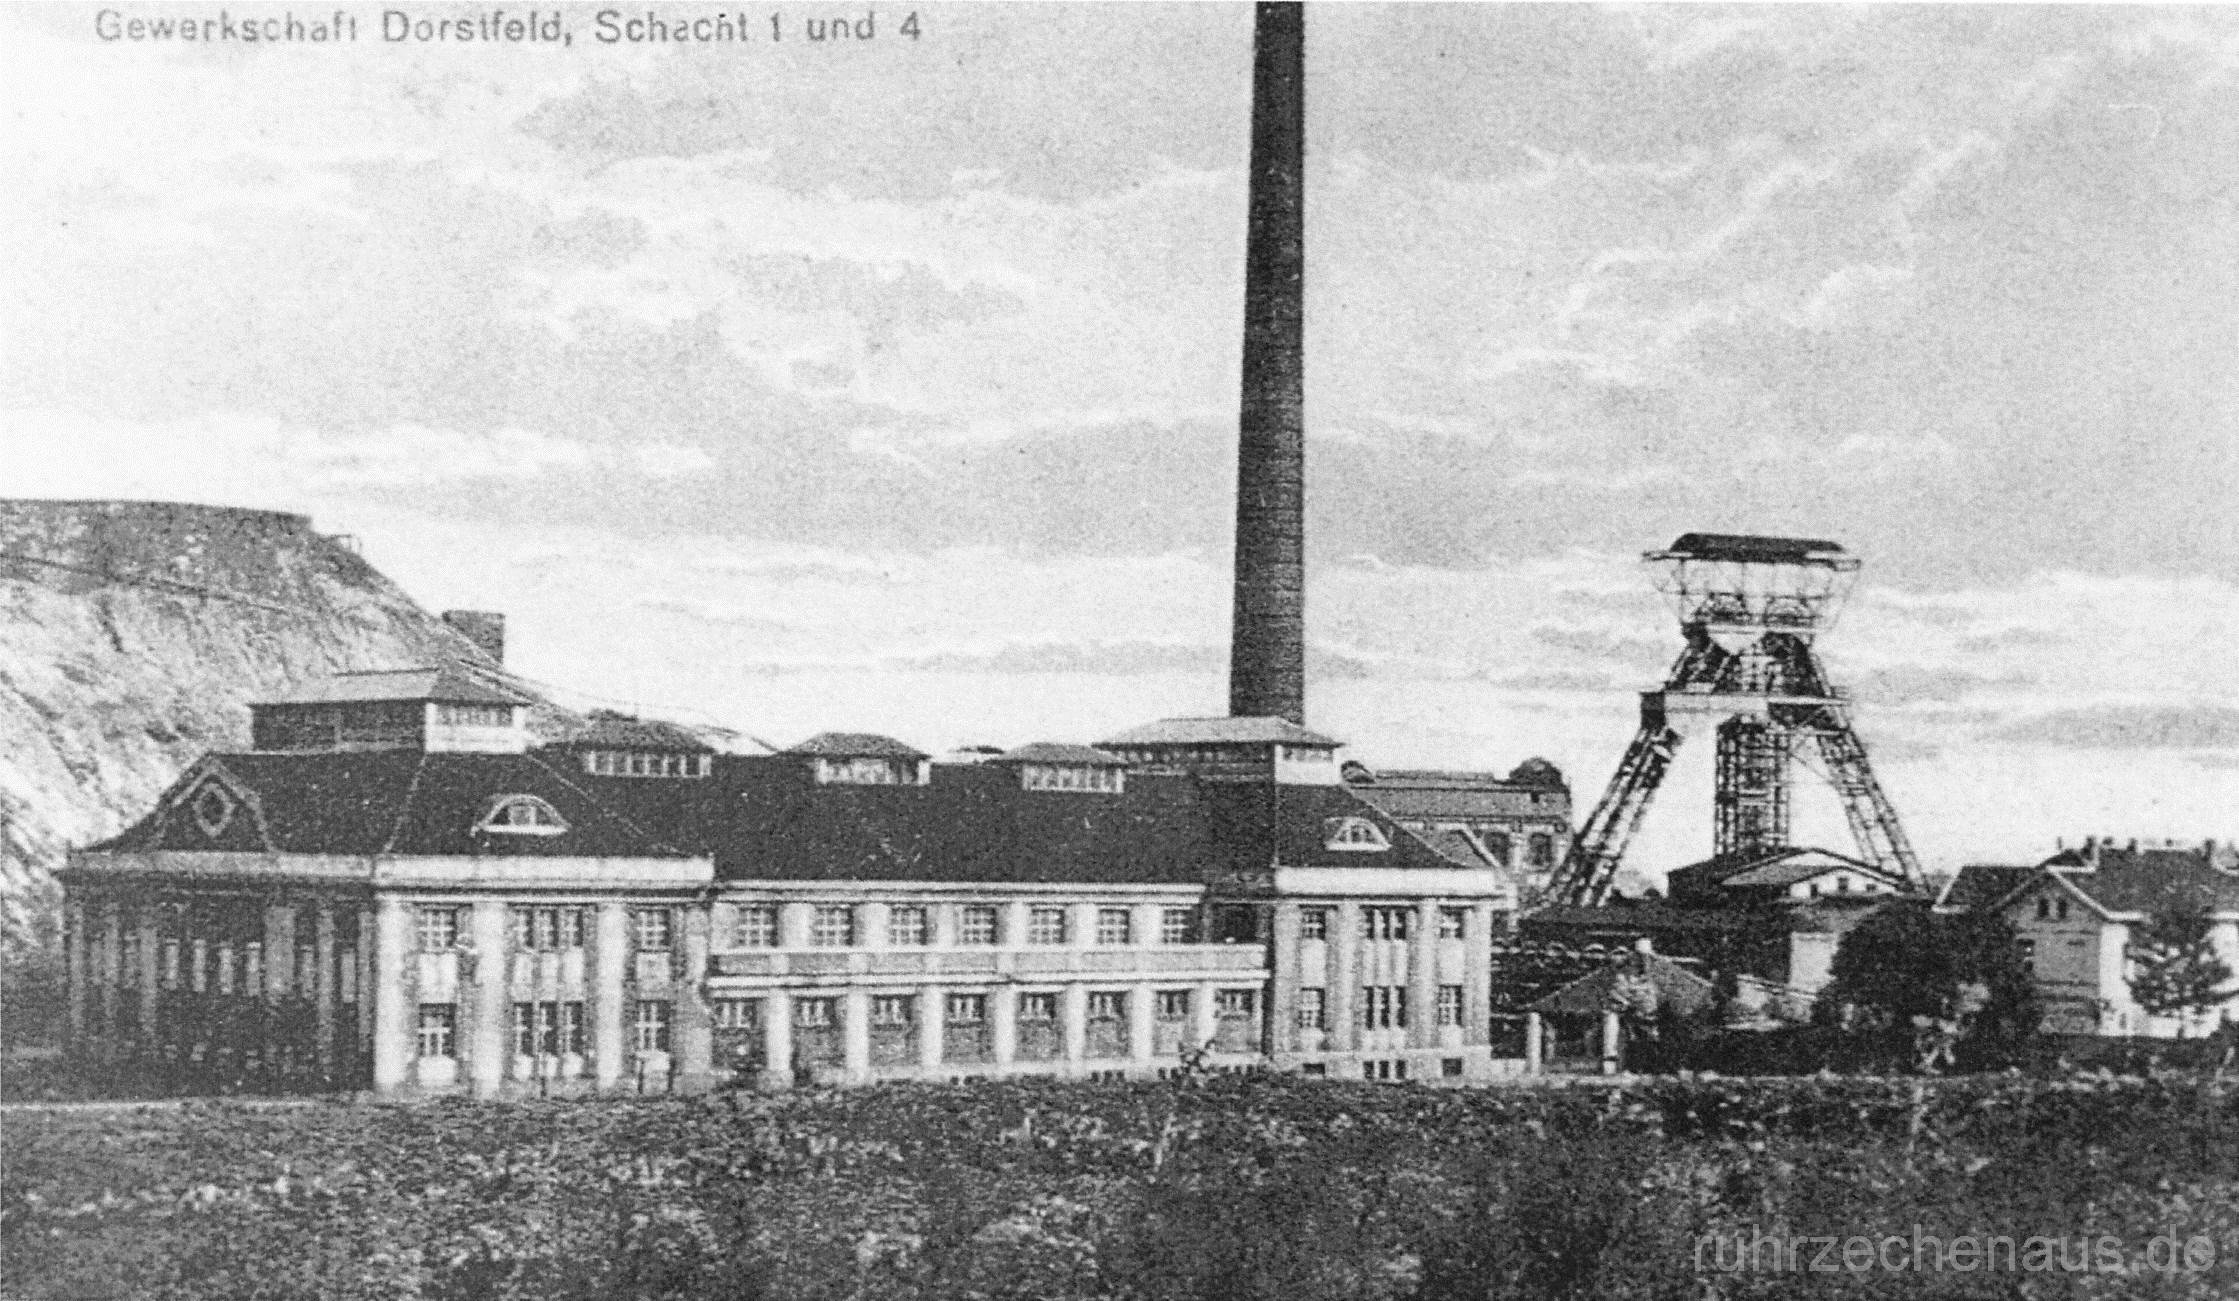 Dorstfeld